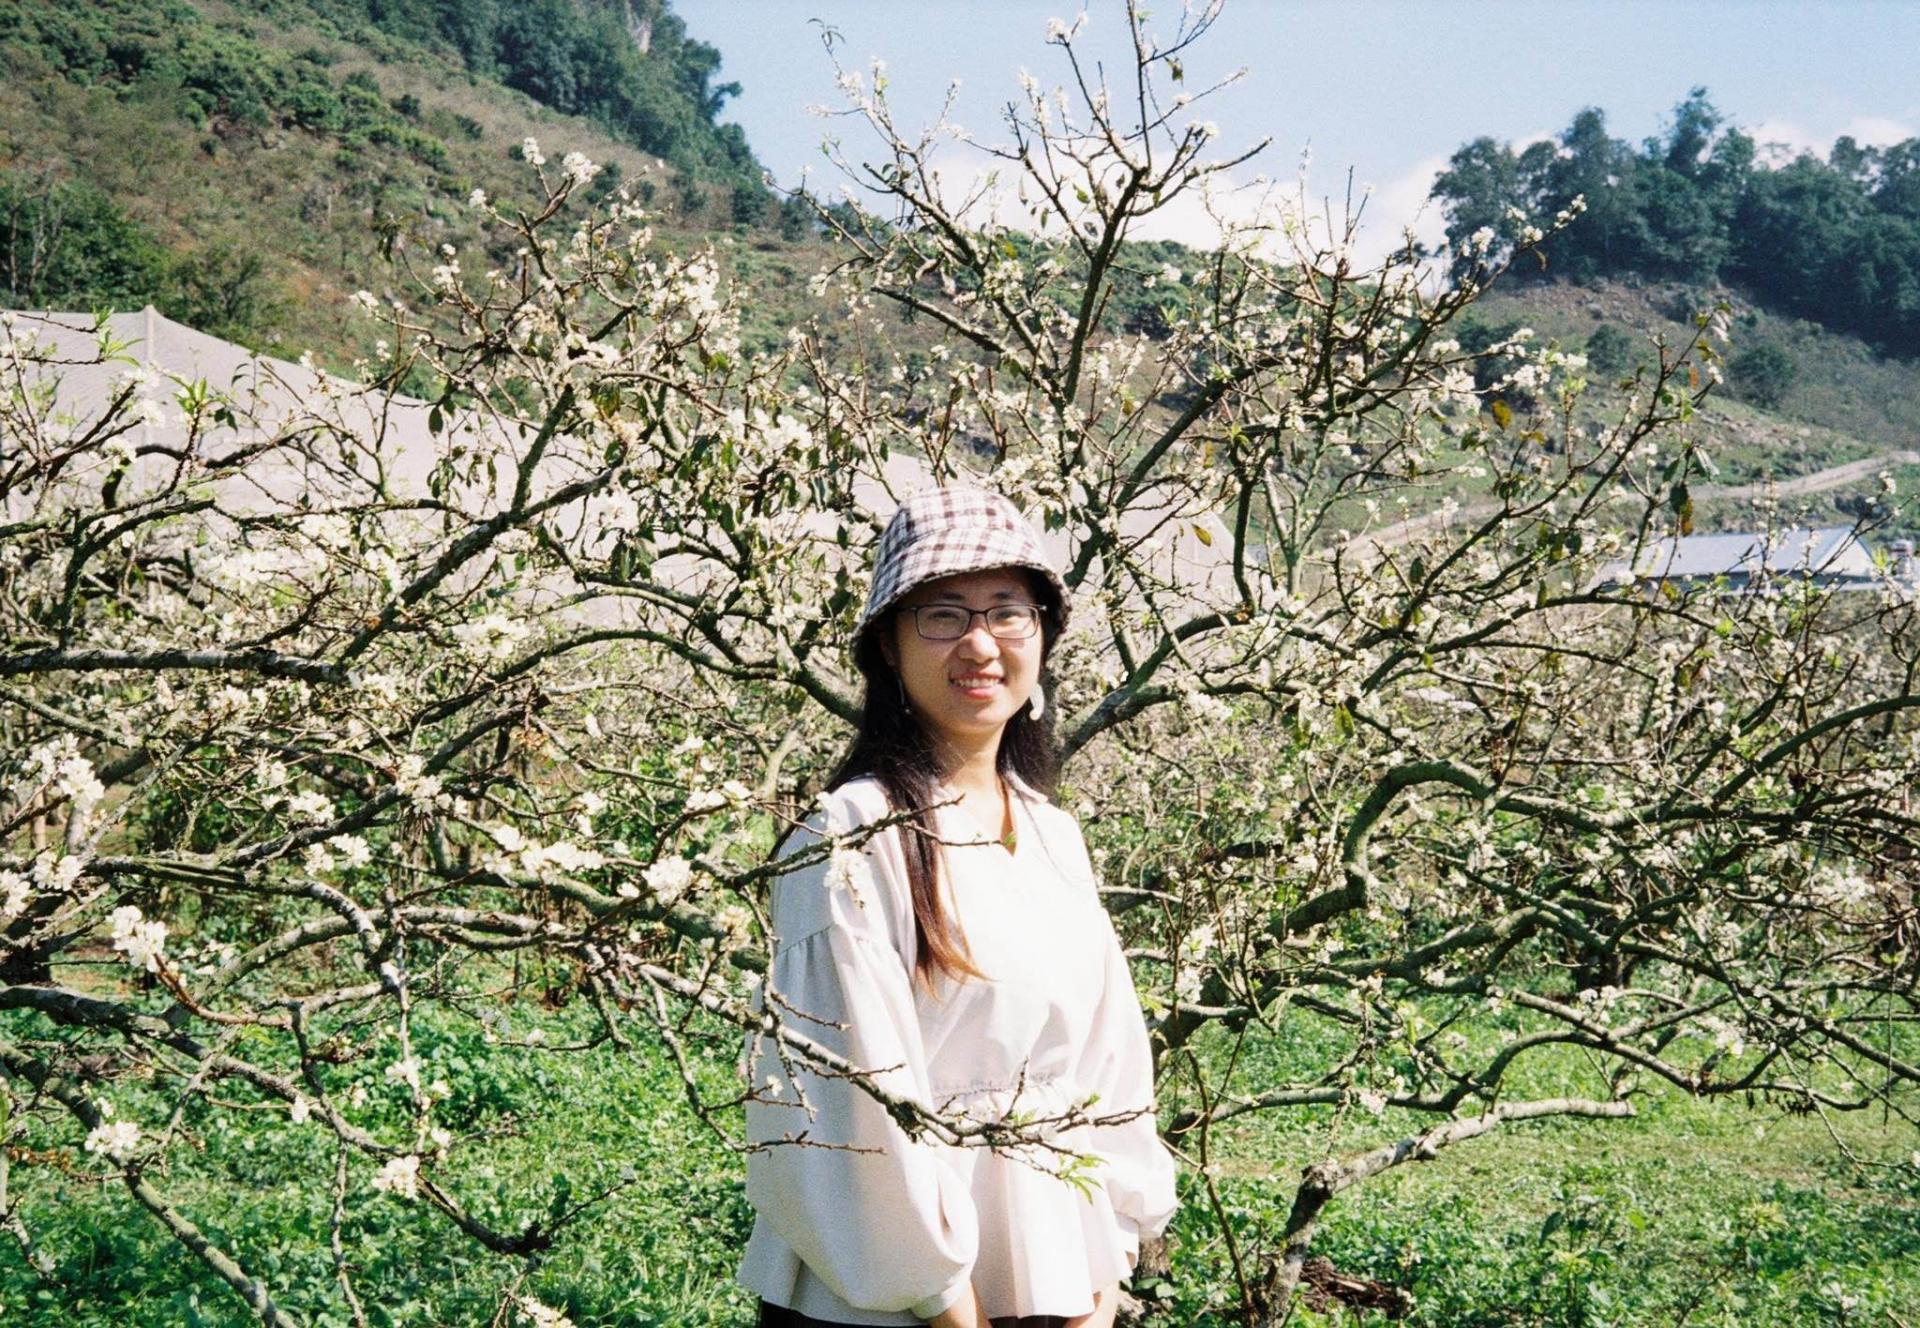 Plum flower season at Moc Chau. Photo: NVCC